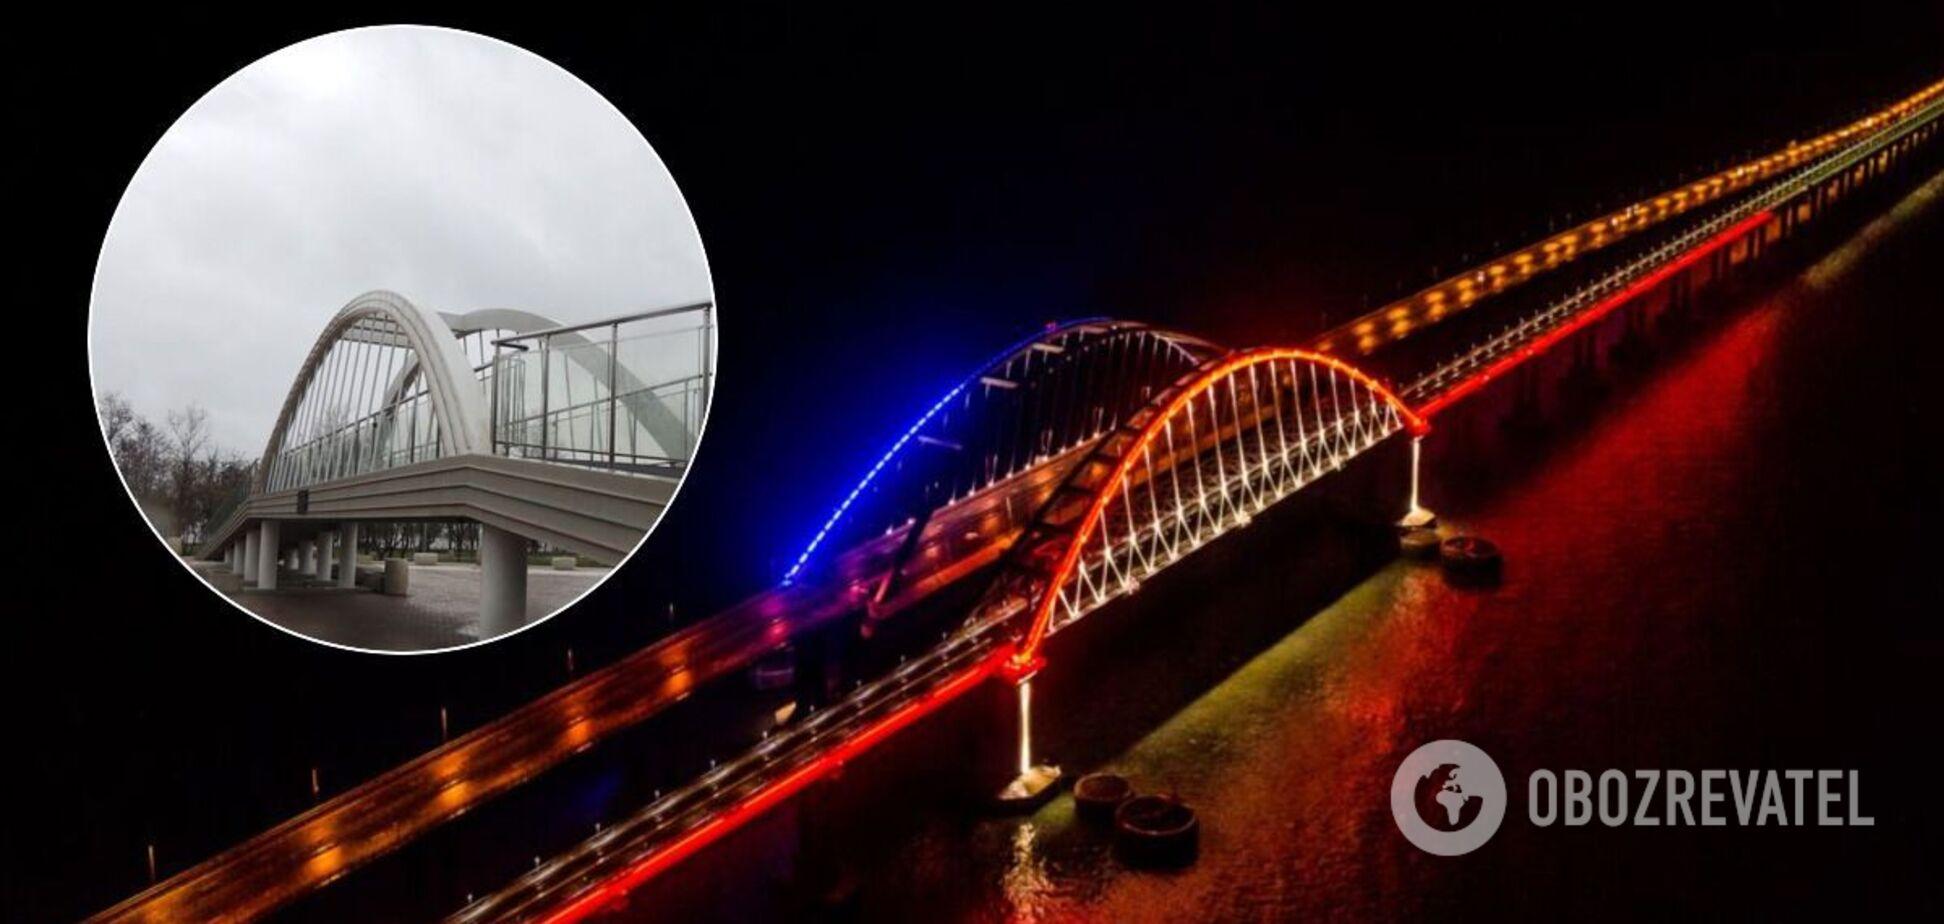 В Крыму покрылась трещинами мини-копия Керченского моста. Фото